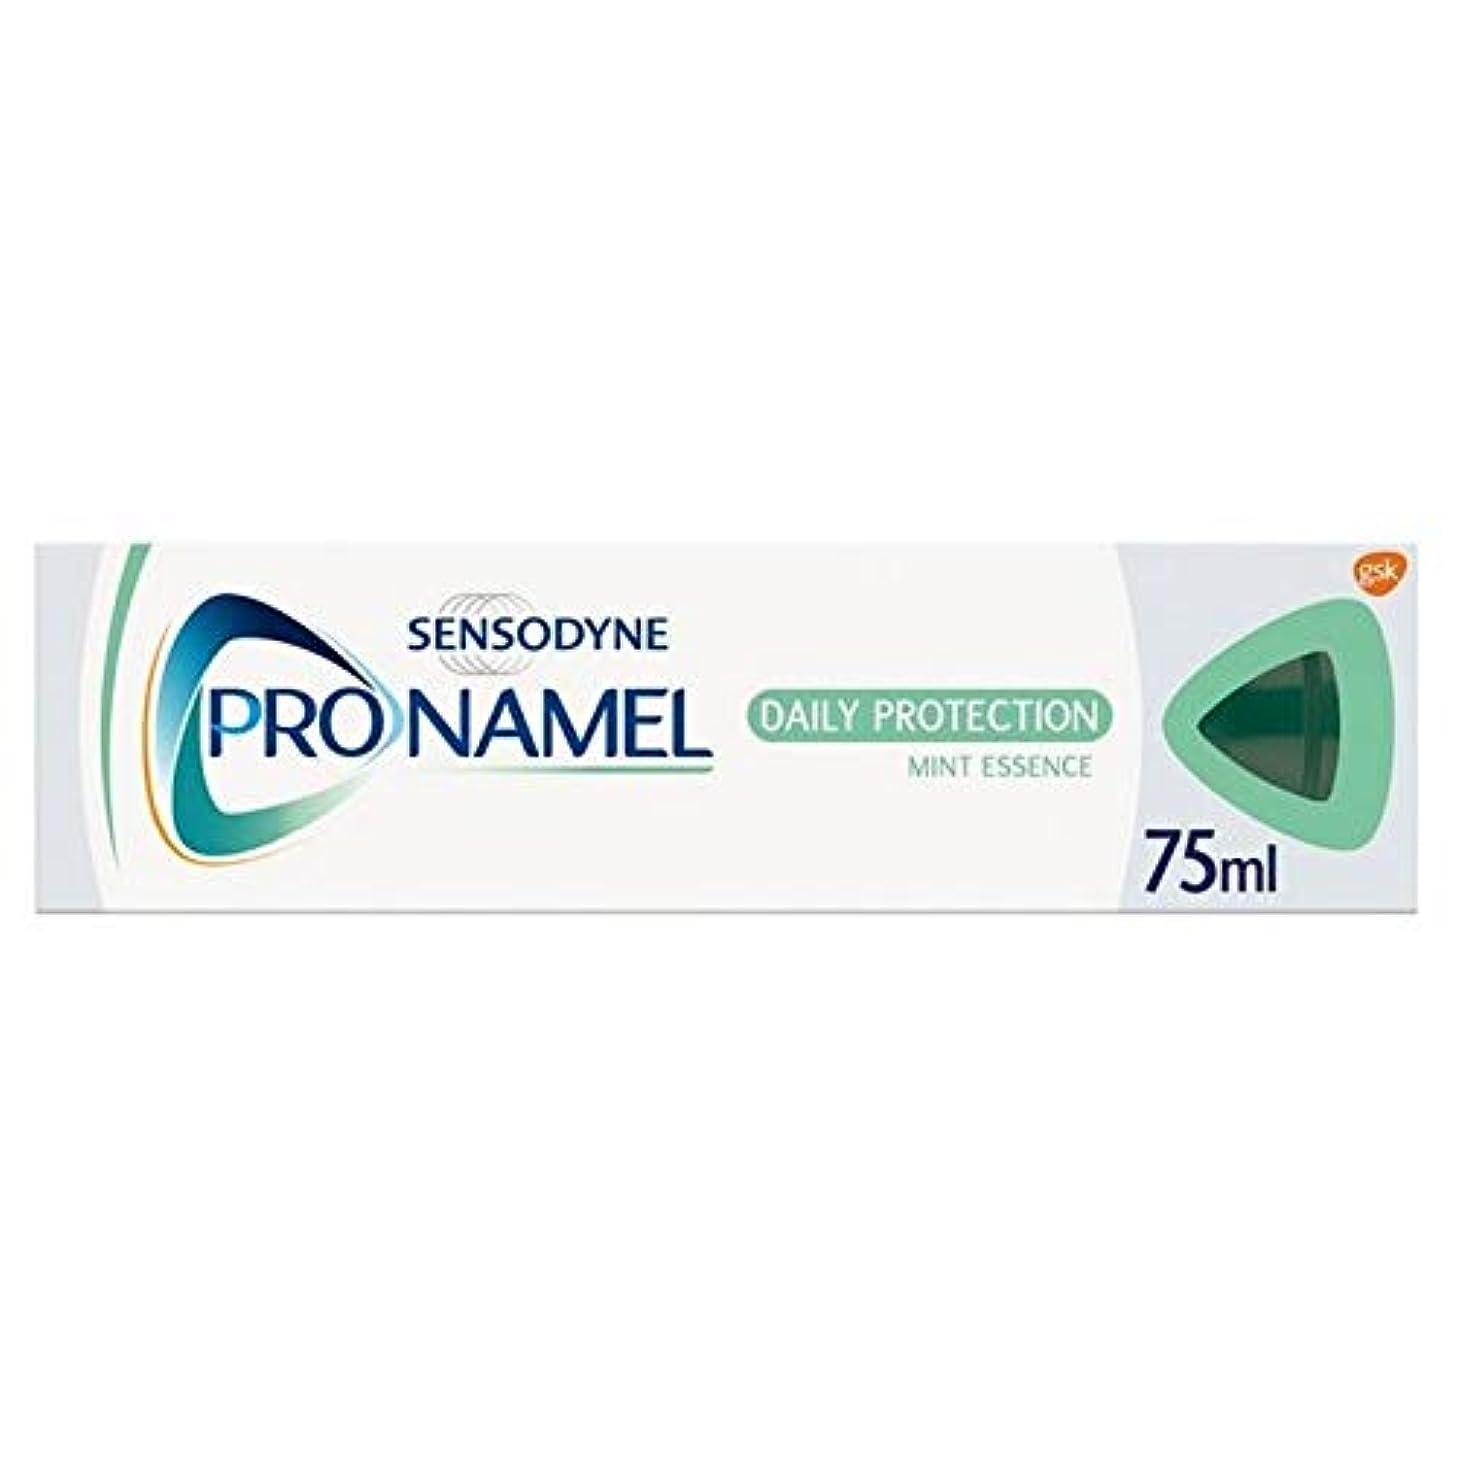 キャンペーン補体まつげ[Sensodyne] SensodyneのPronamel毎日保護エナメルケア歯磨き粉75ミリリットル - Sensodyne Pronamel Daily Protection Enamel Care Toothpaste...